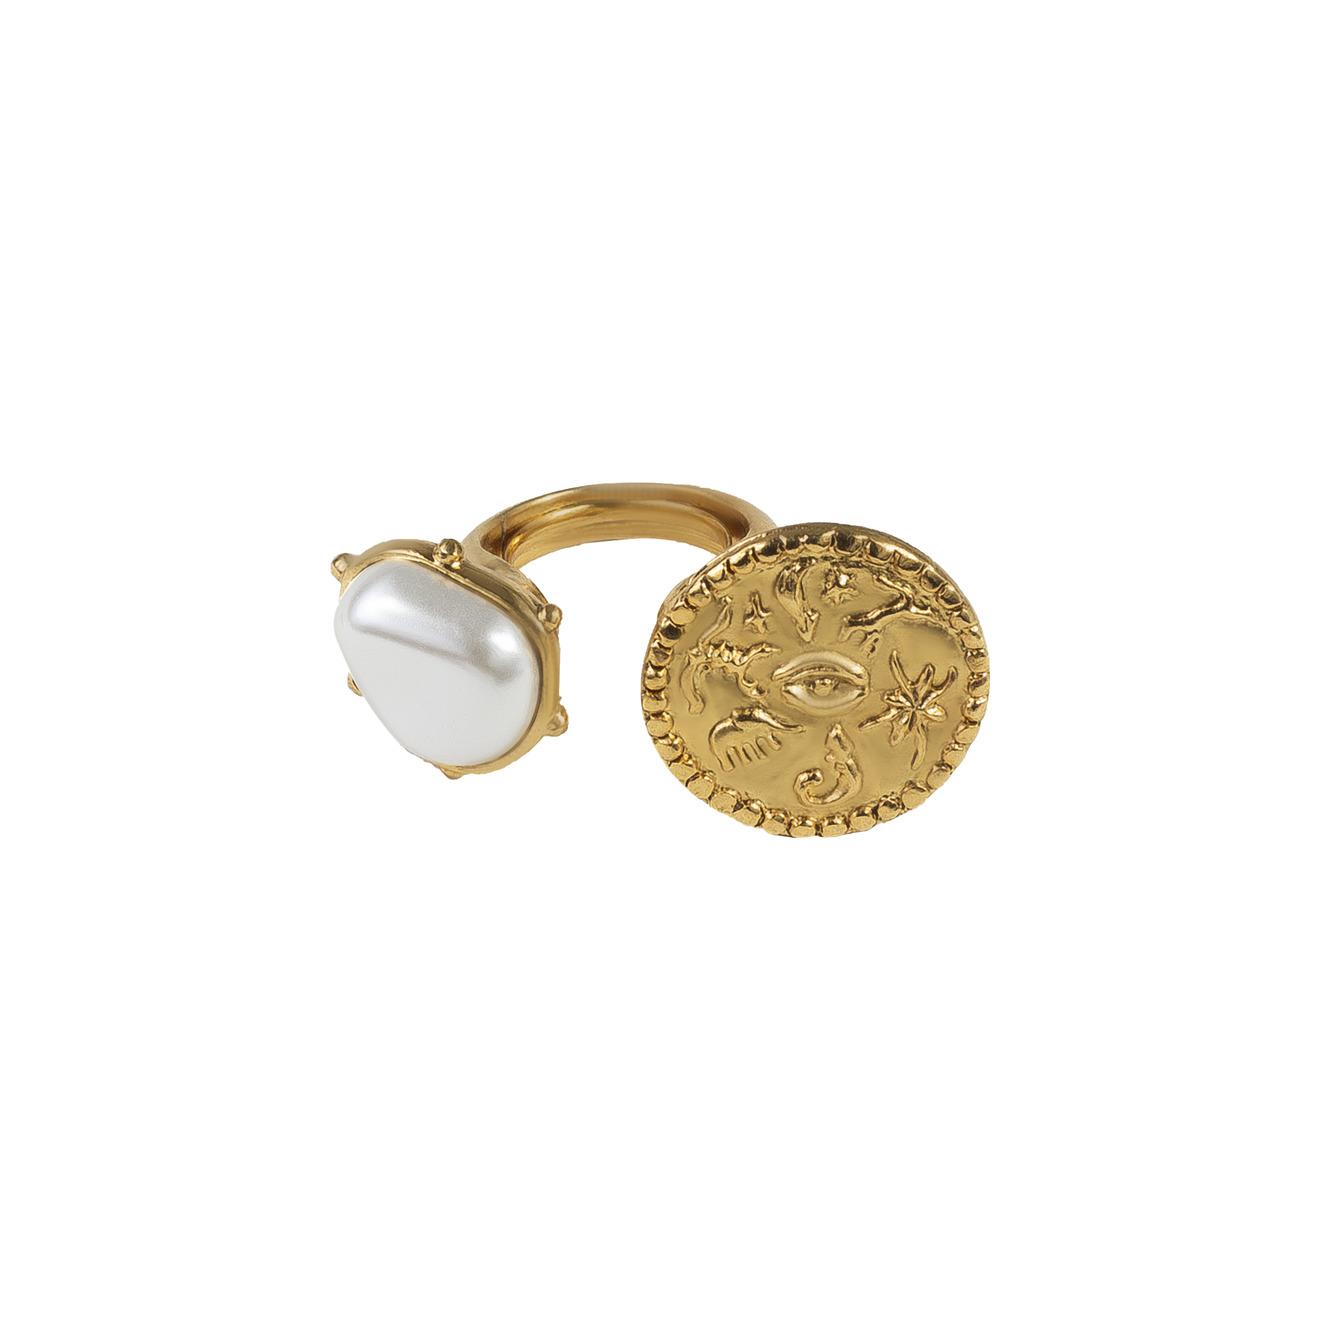 Oscar de la Renta Золотистое незамкнутое кольцо с монетой и жемчугом